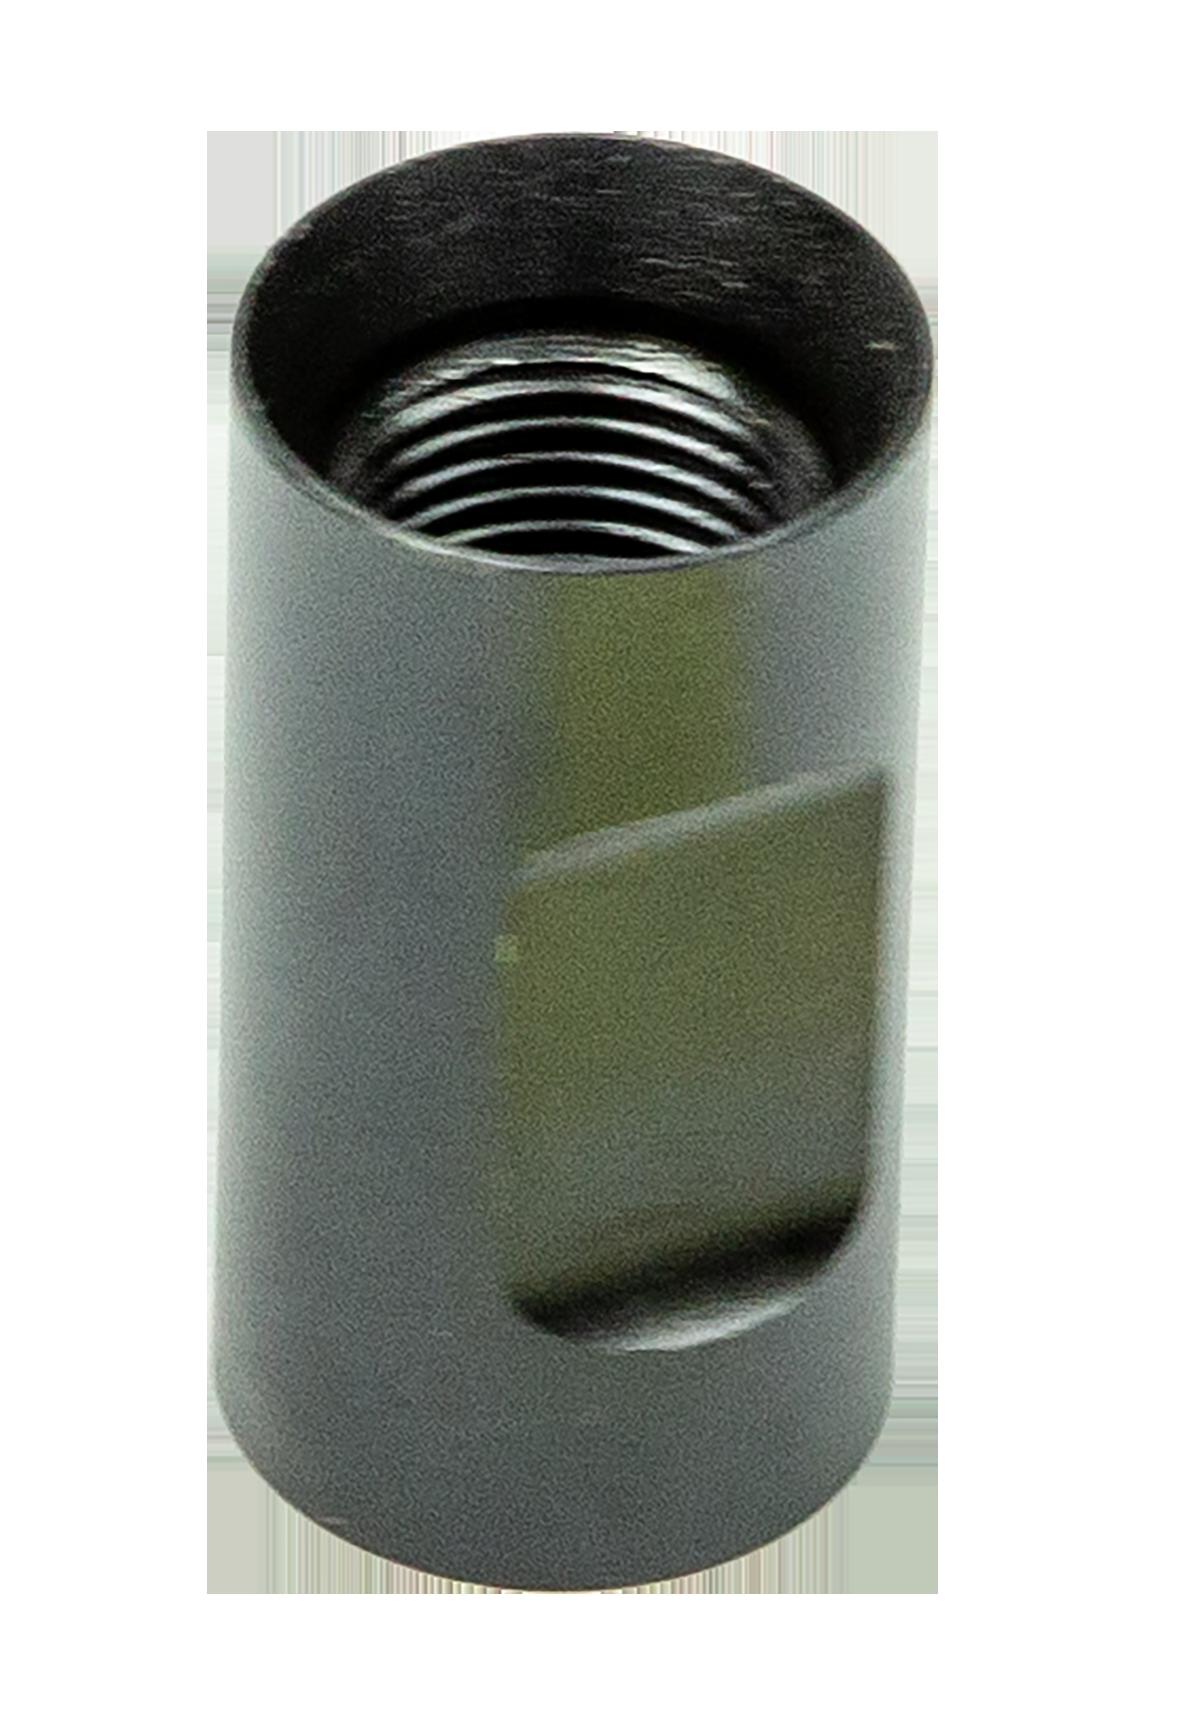 Core Drill Adaptor